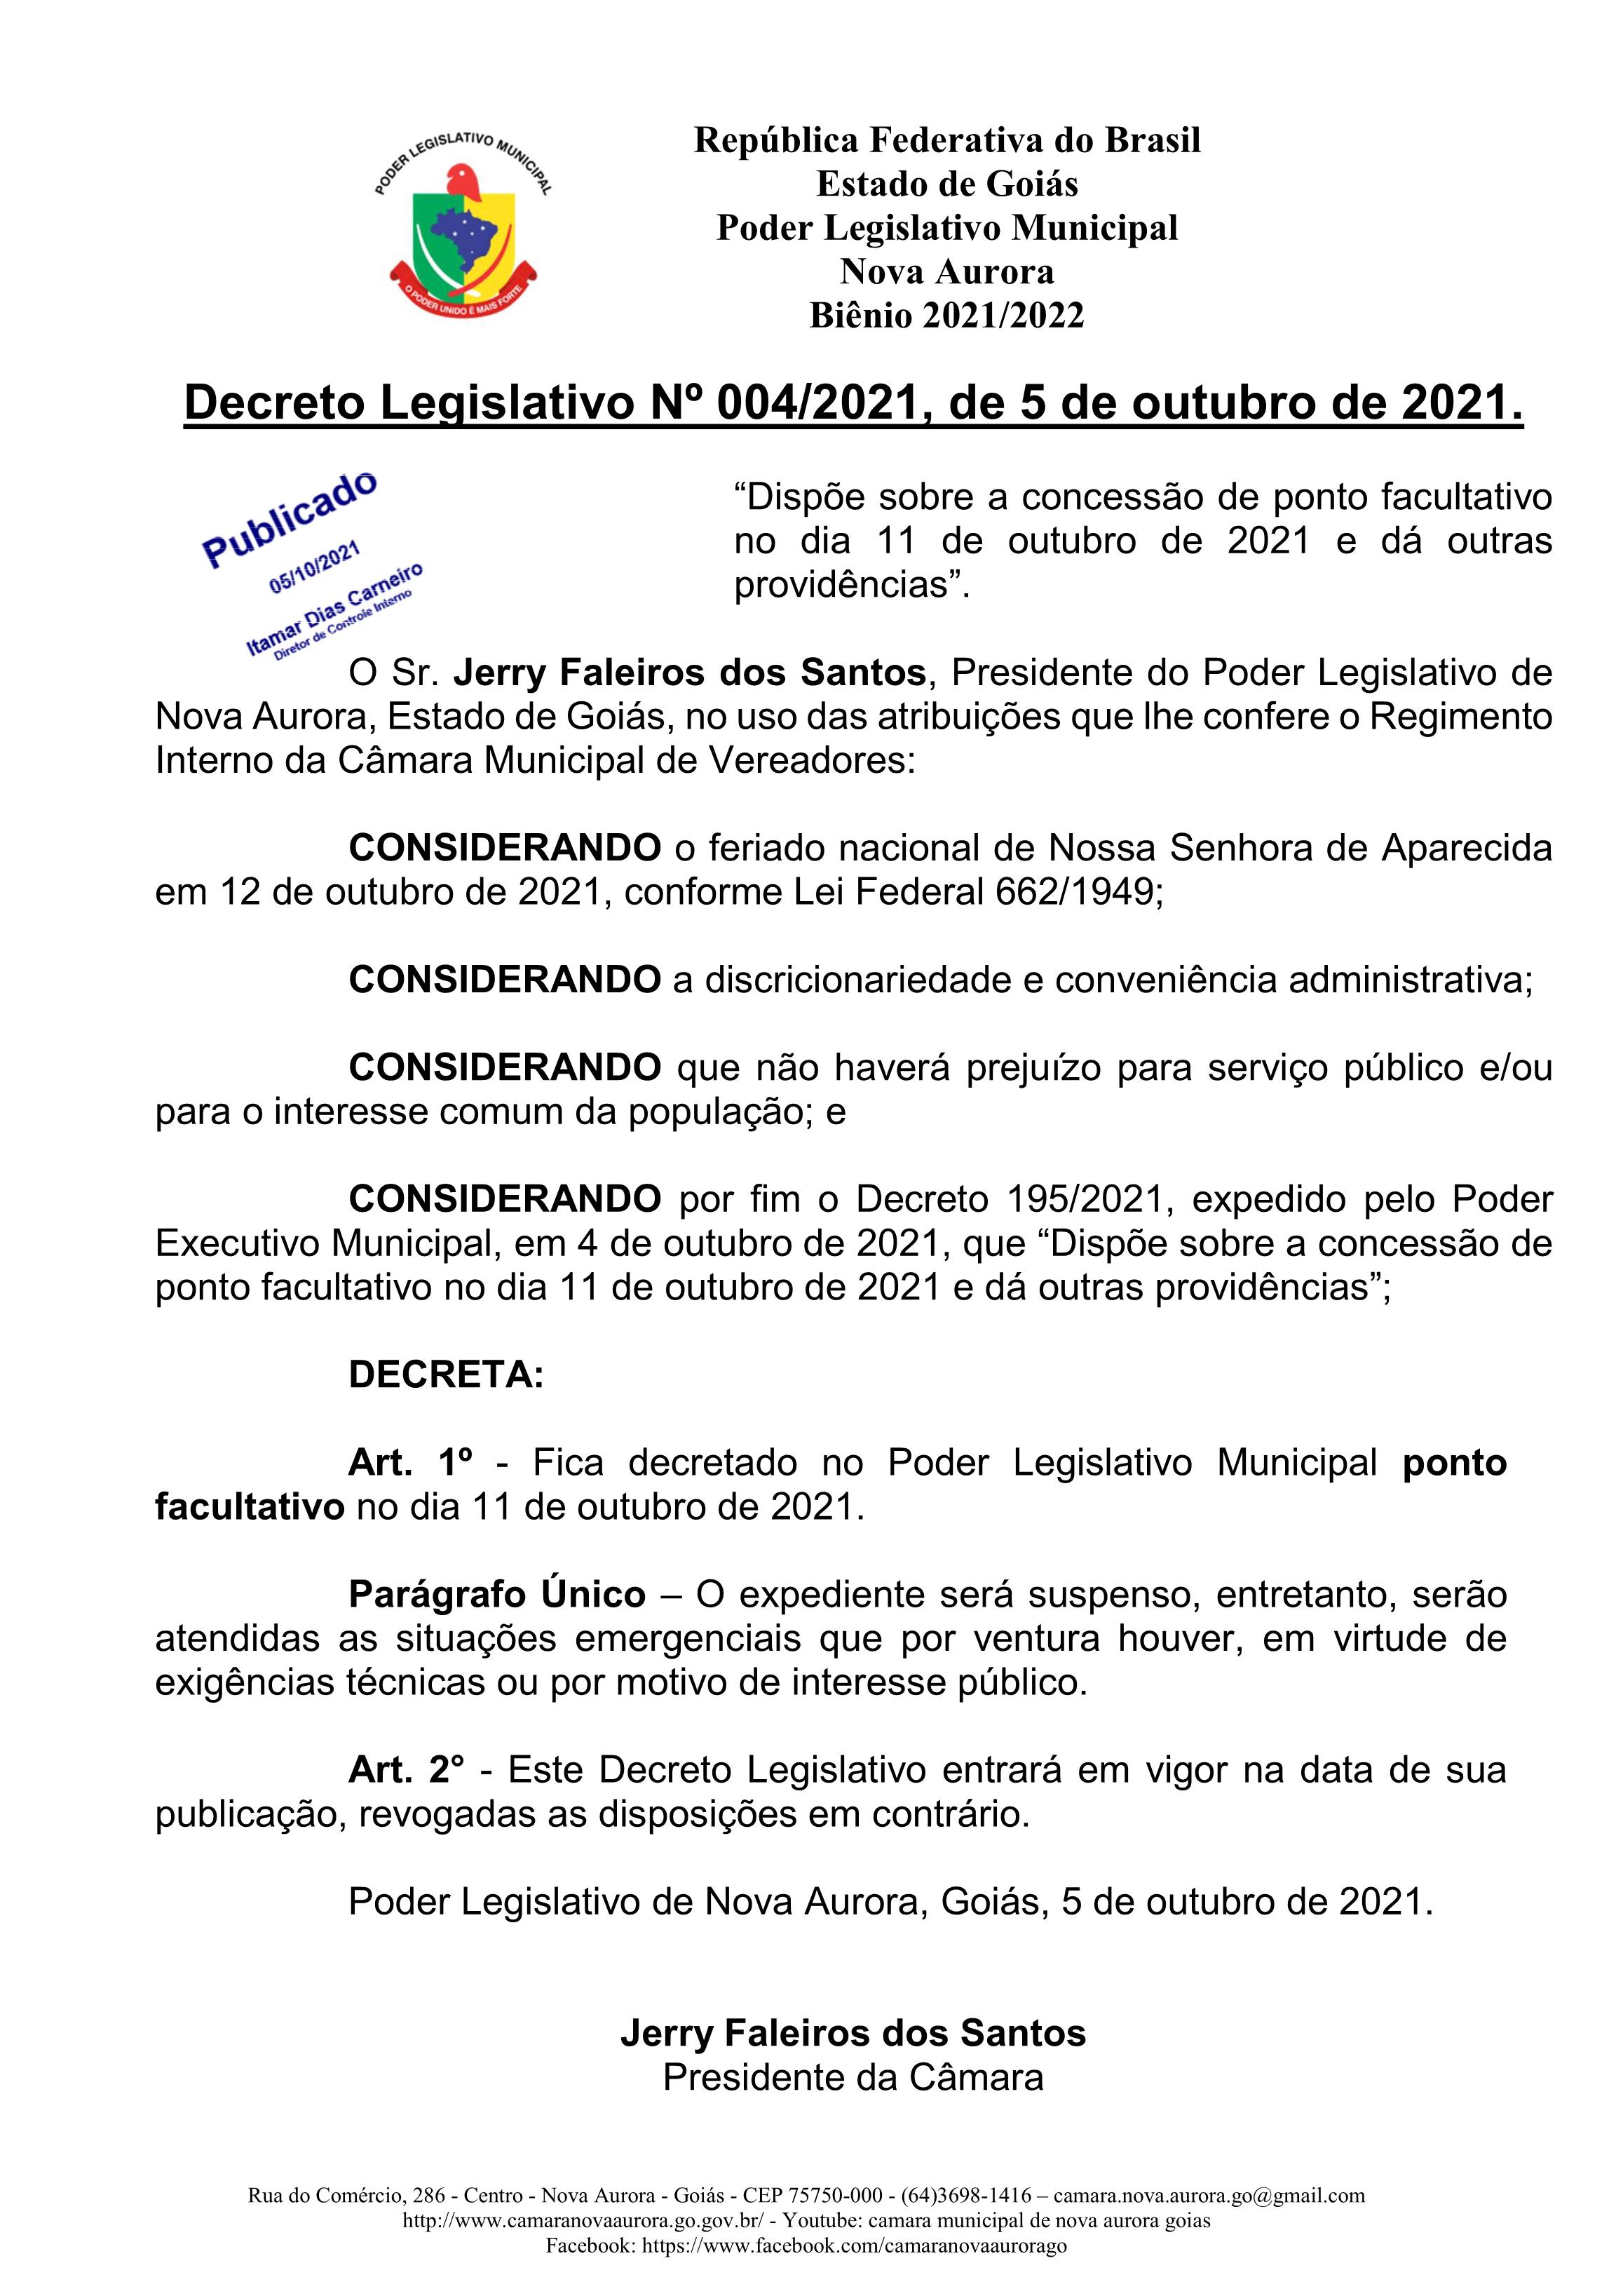 Decreto Legislativo 004-2021 – Concessão de ponto facultativo no dia 11 de outubro de 2021